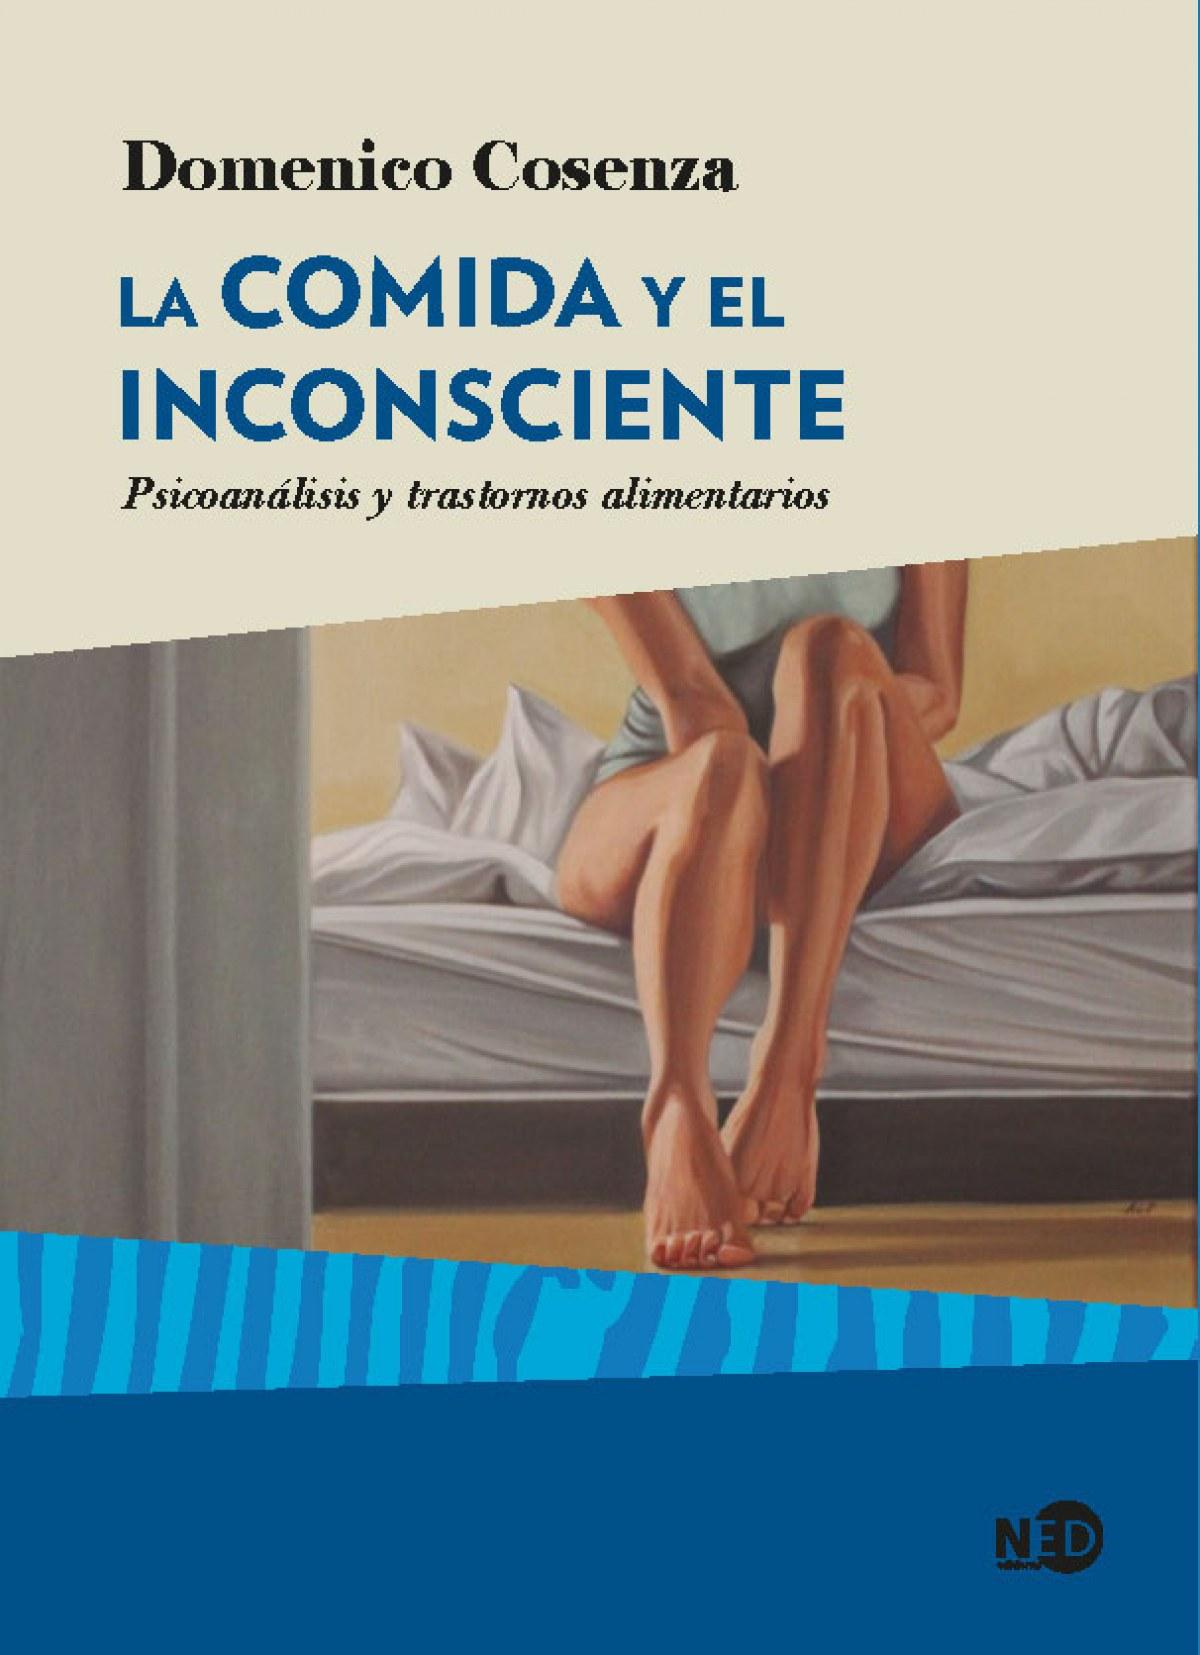 LA CÓMIDA Y EL INCONSCIENTE